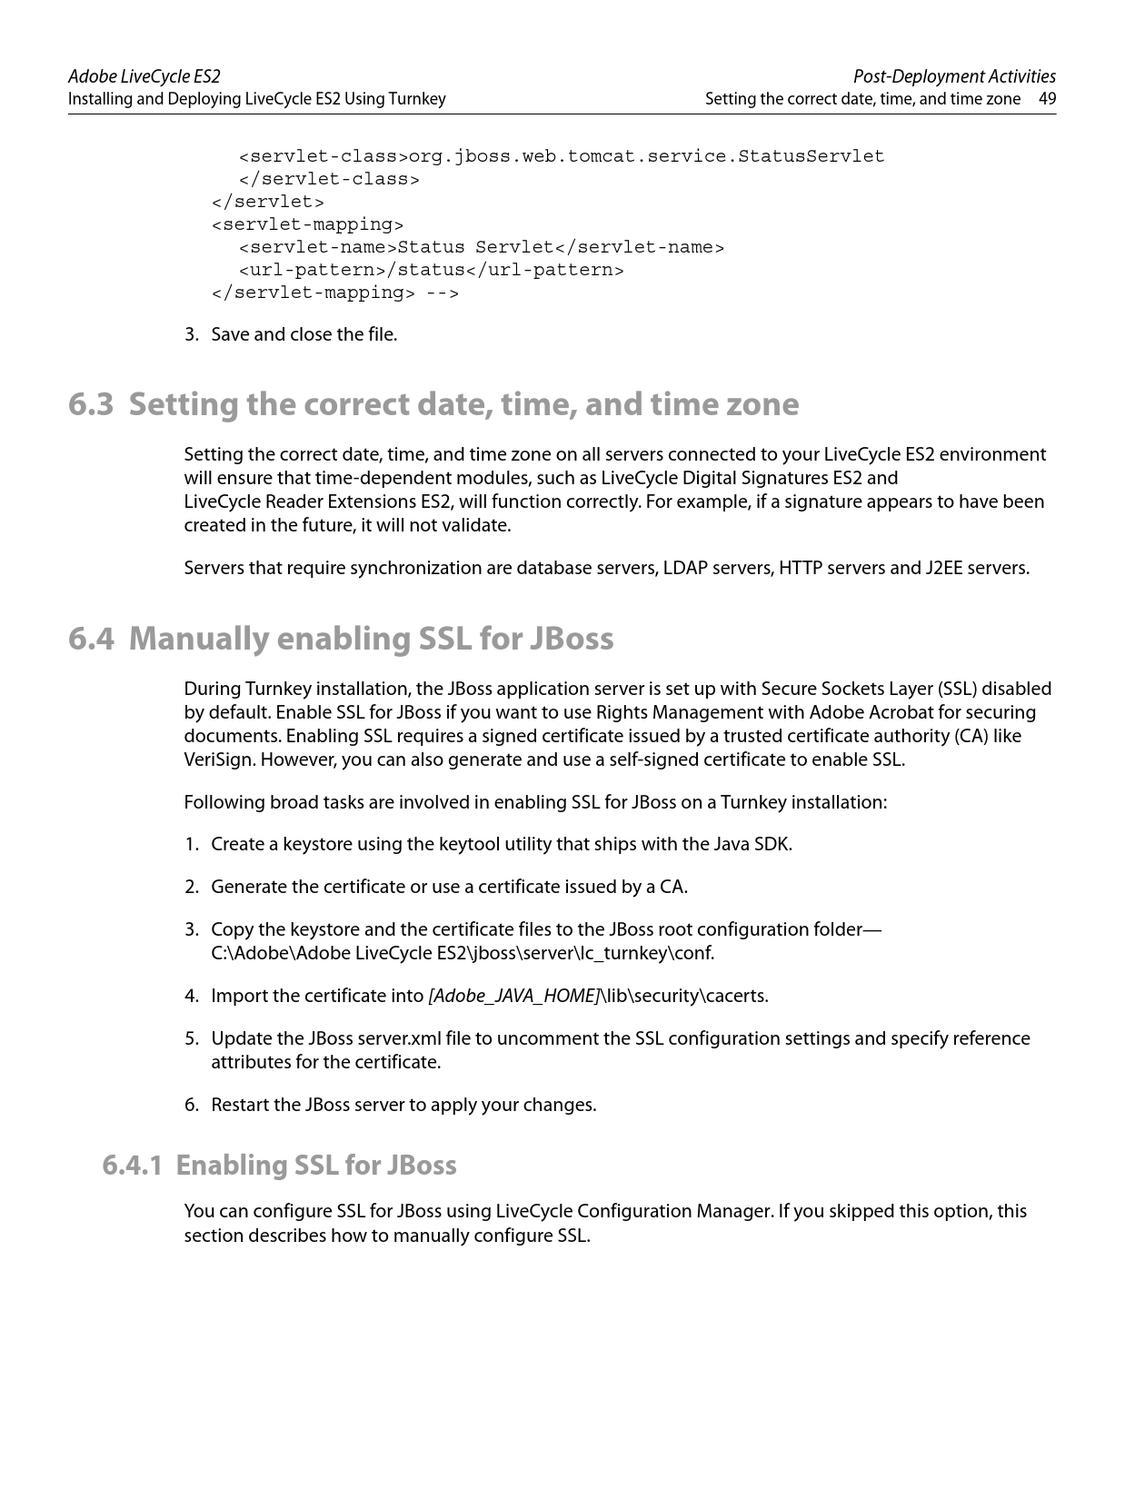 SSL for JBOSS by John Scannell - issuu